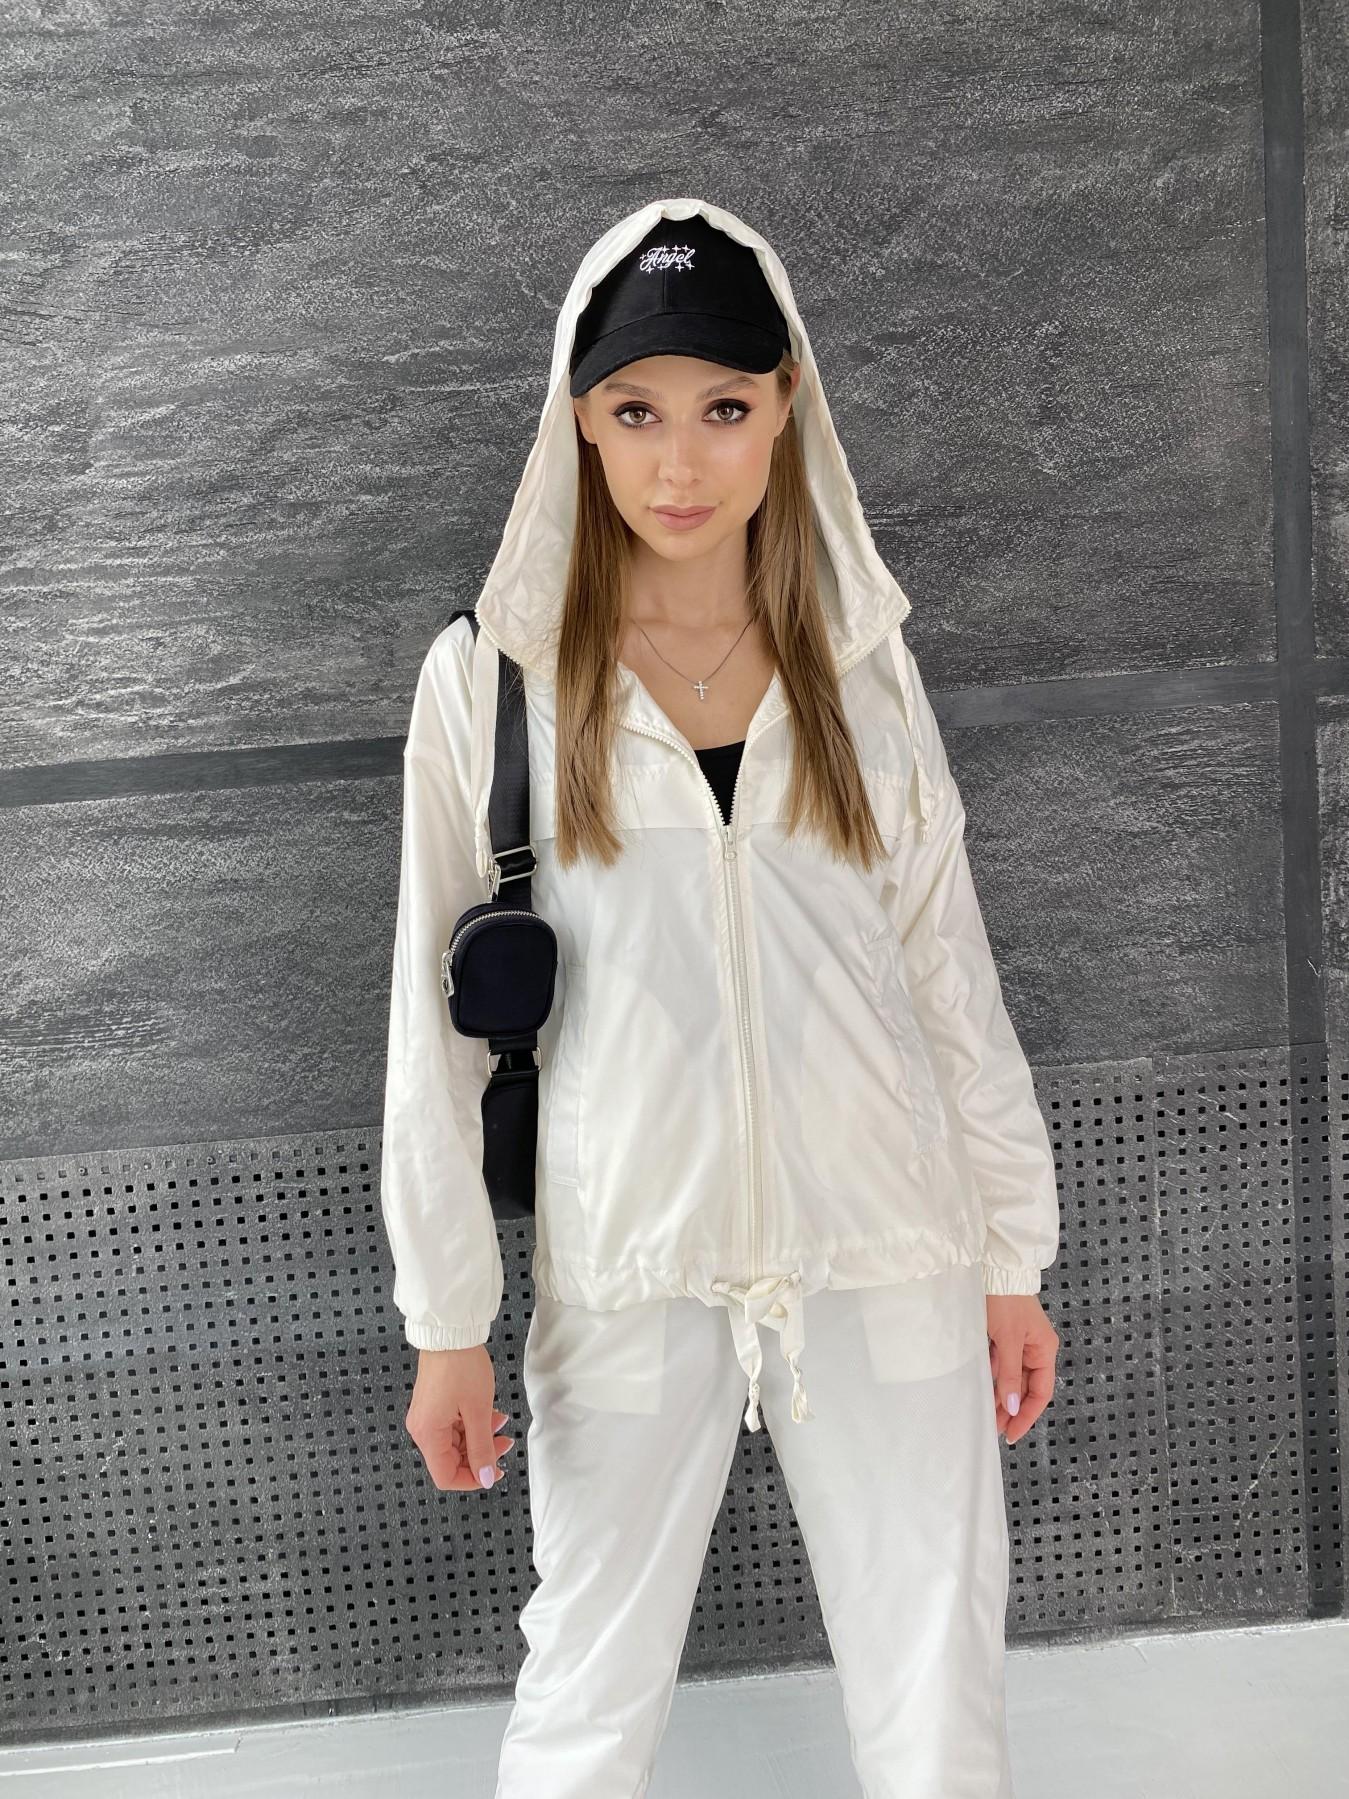 Фит костюм из плащевой ткани 11048 АРТ. 47533 Цвет: Молоко - фото 9, интернет магазин tm-modus.ru